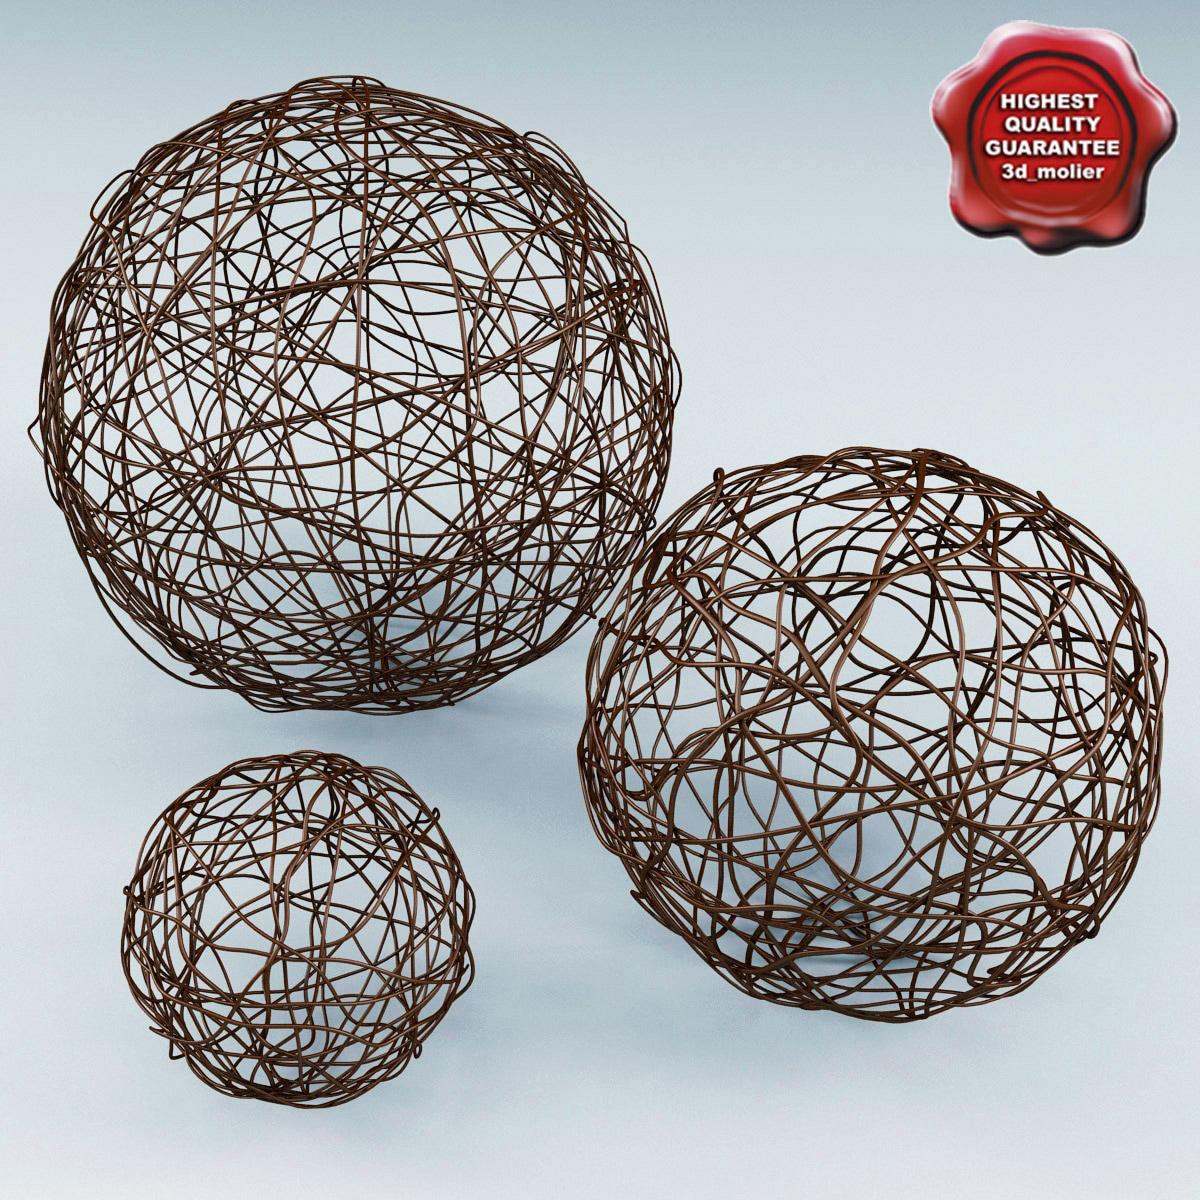 3d wicker core spheres model